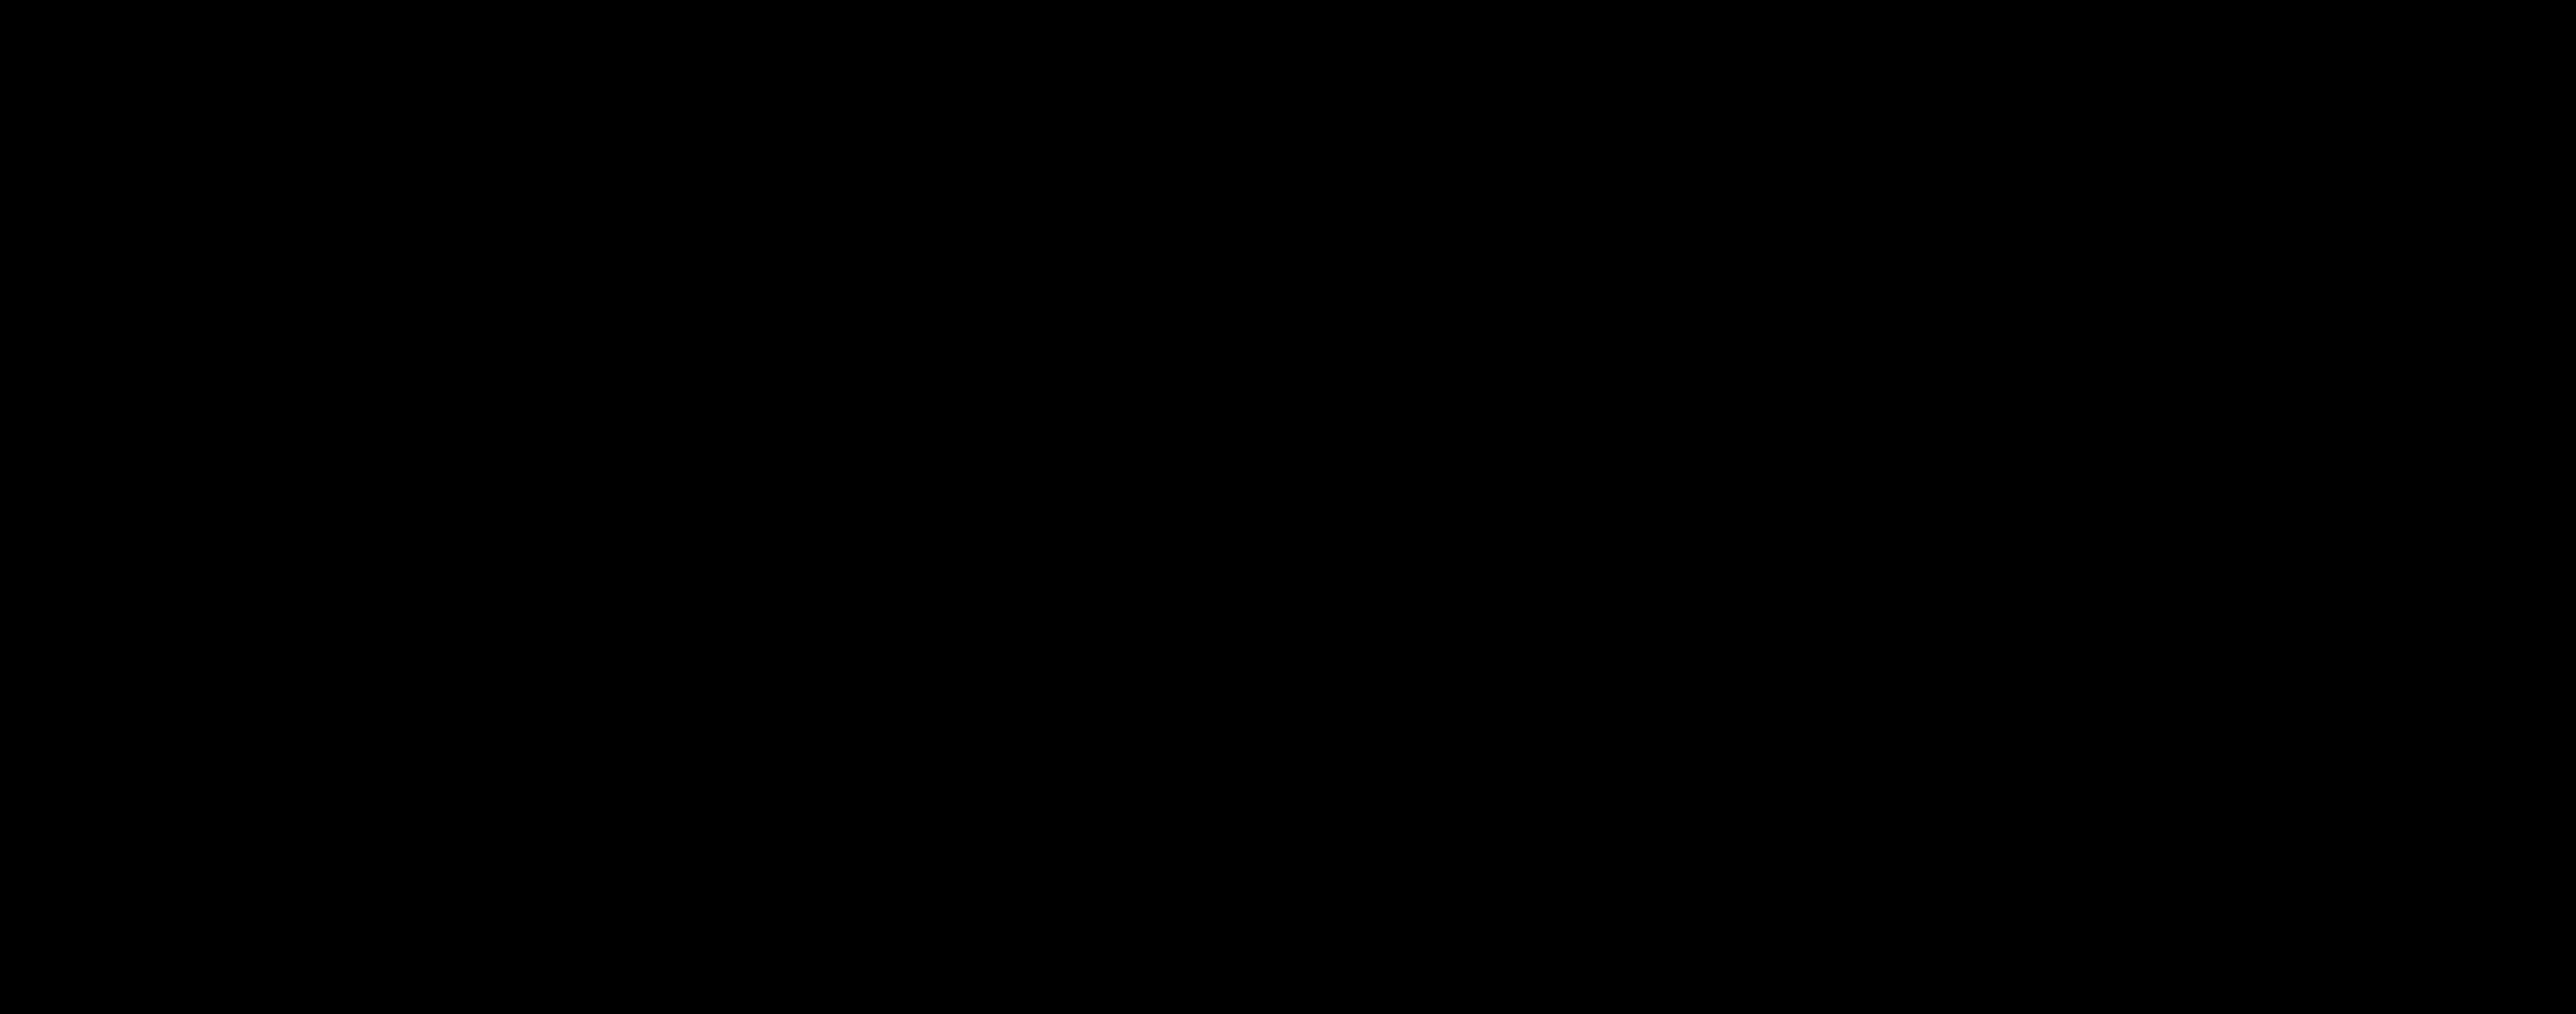 Beyond Me logo